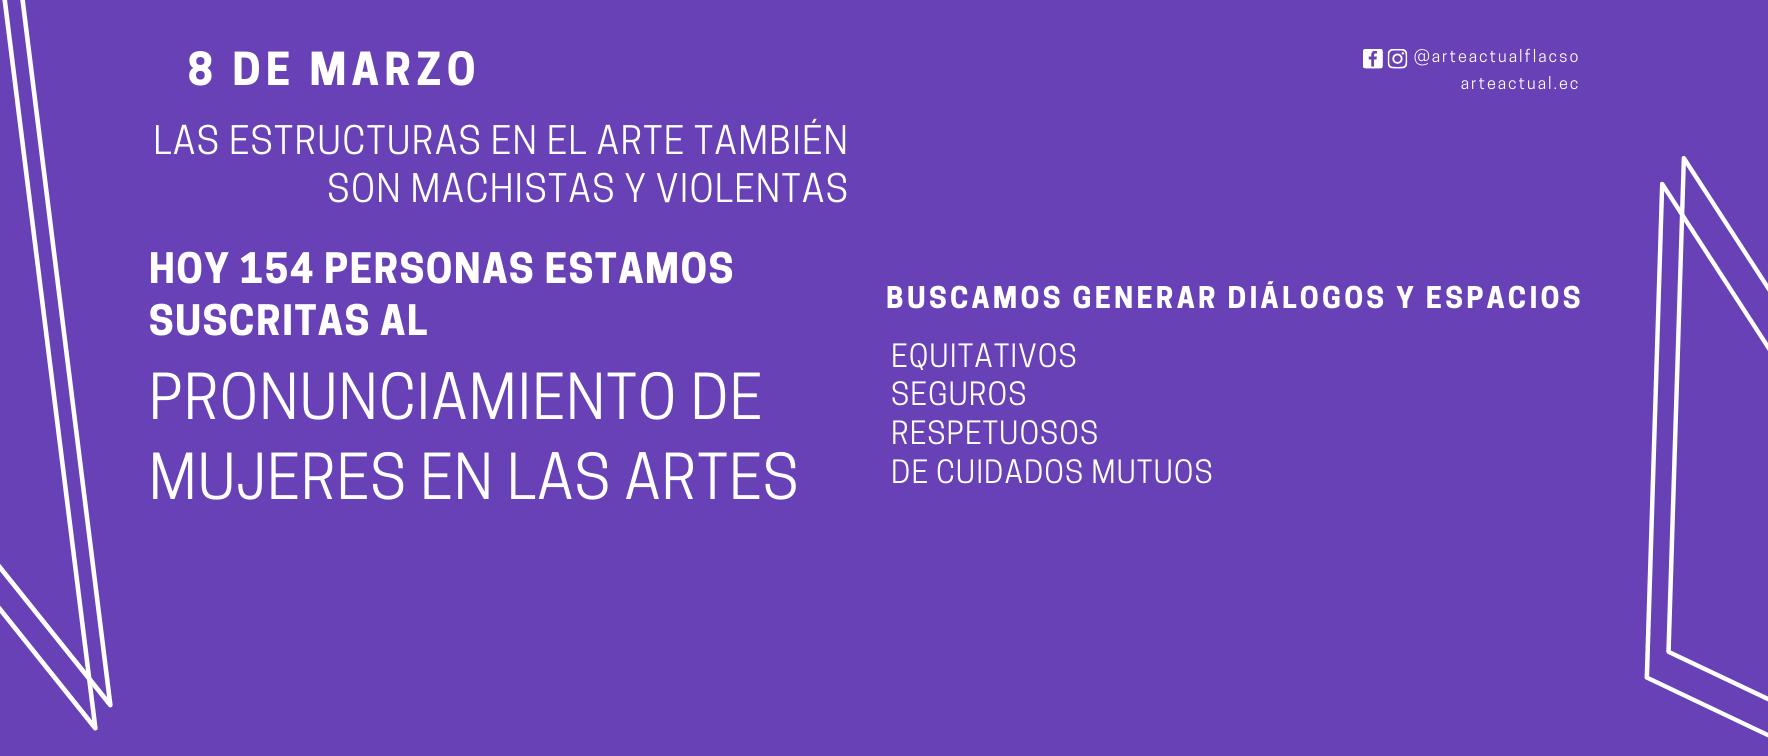 Mujeres en las Artes